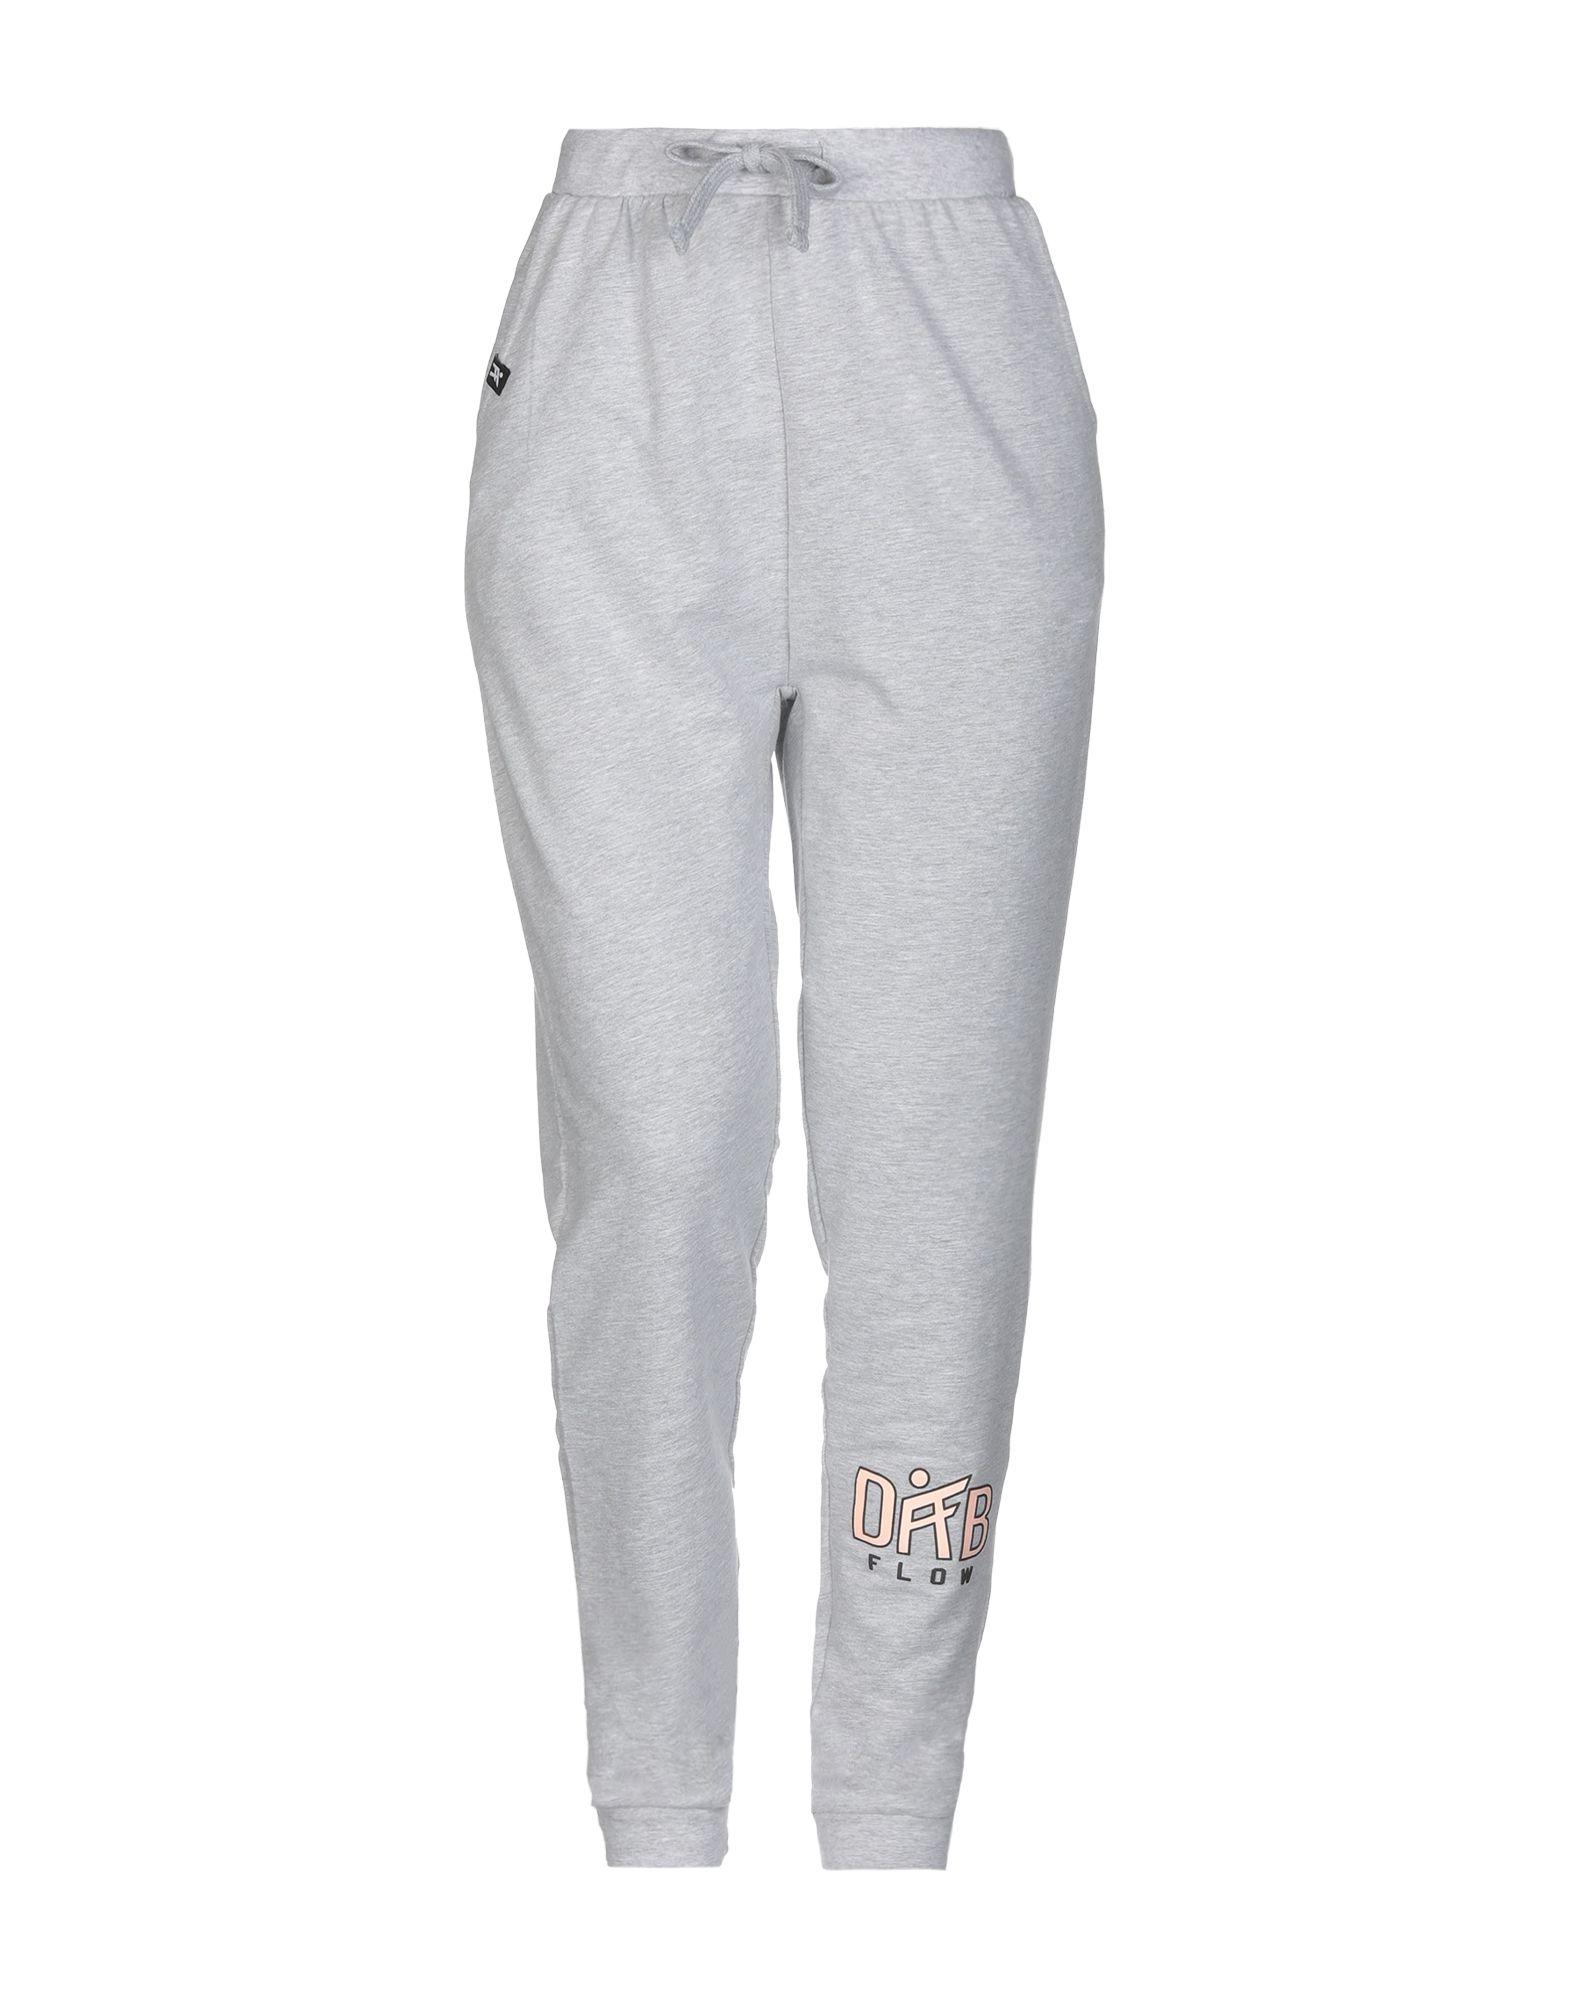 DAB FLOW Повседневные брюки